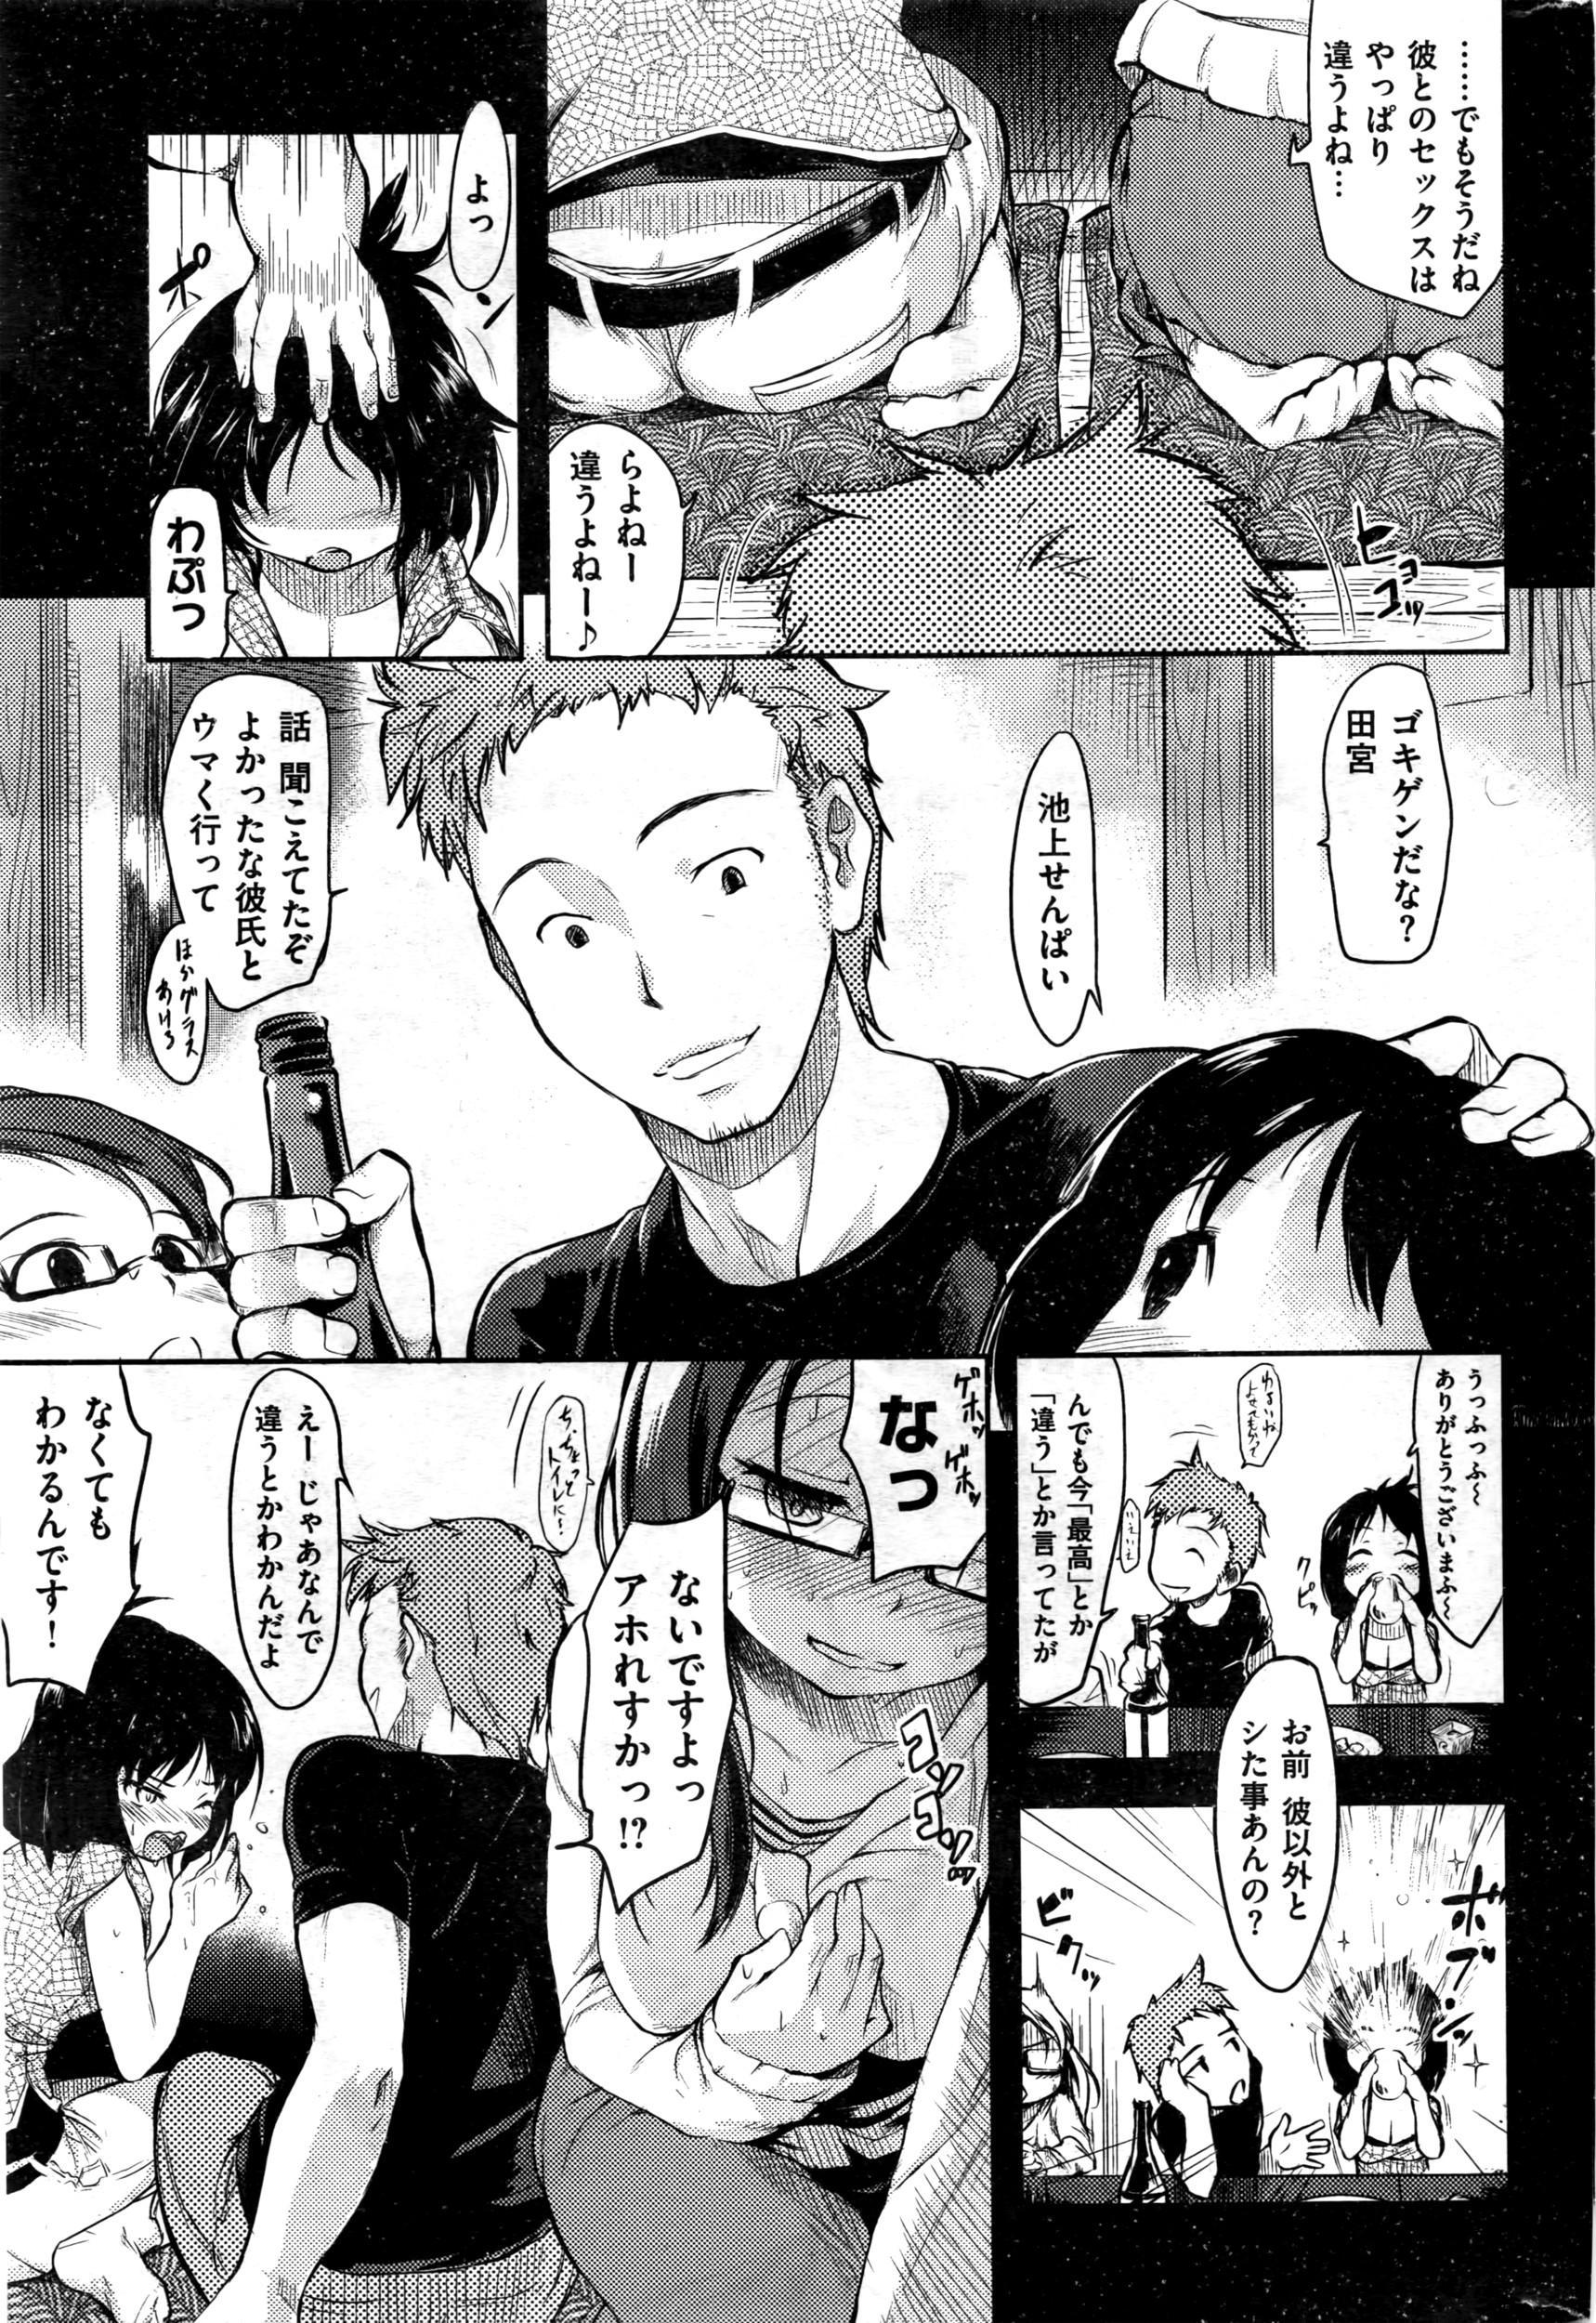 COMIC Kairakuten 2016-03 359